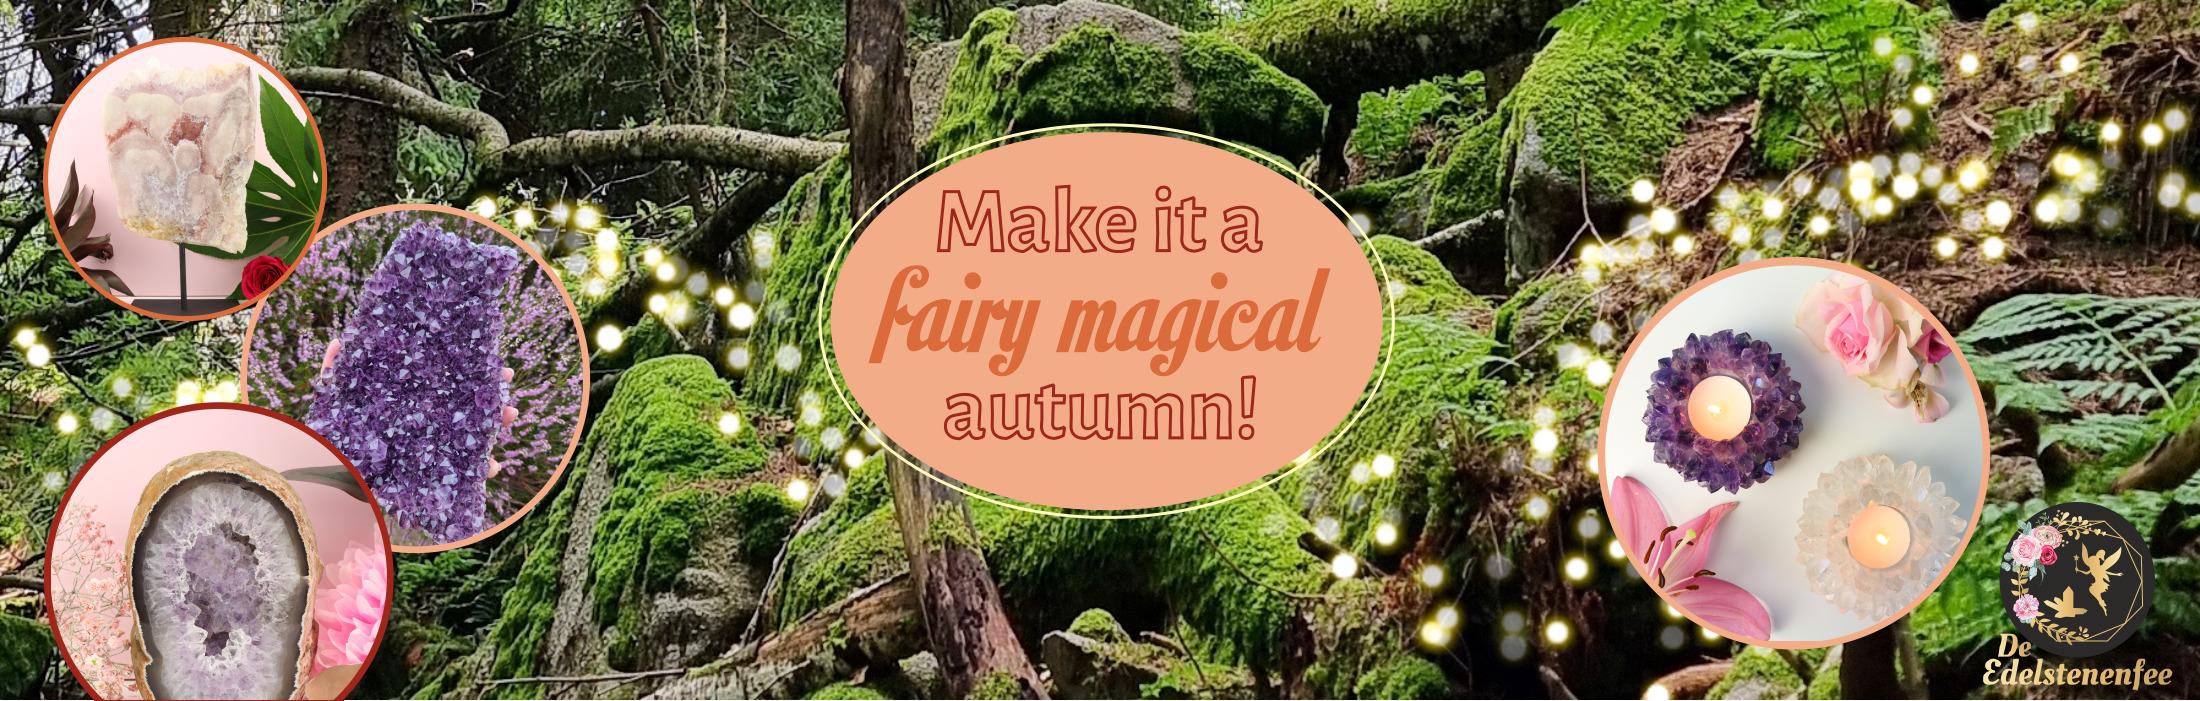 De Edelstenenfee voor de allermooiste kristallen! Breng de magie in huis met edelstenen!